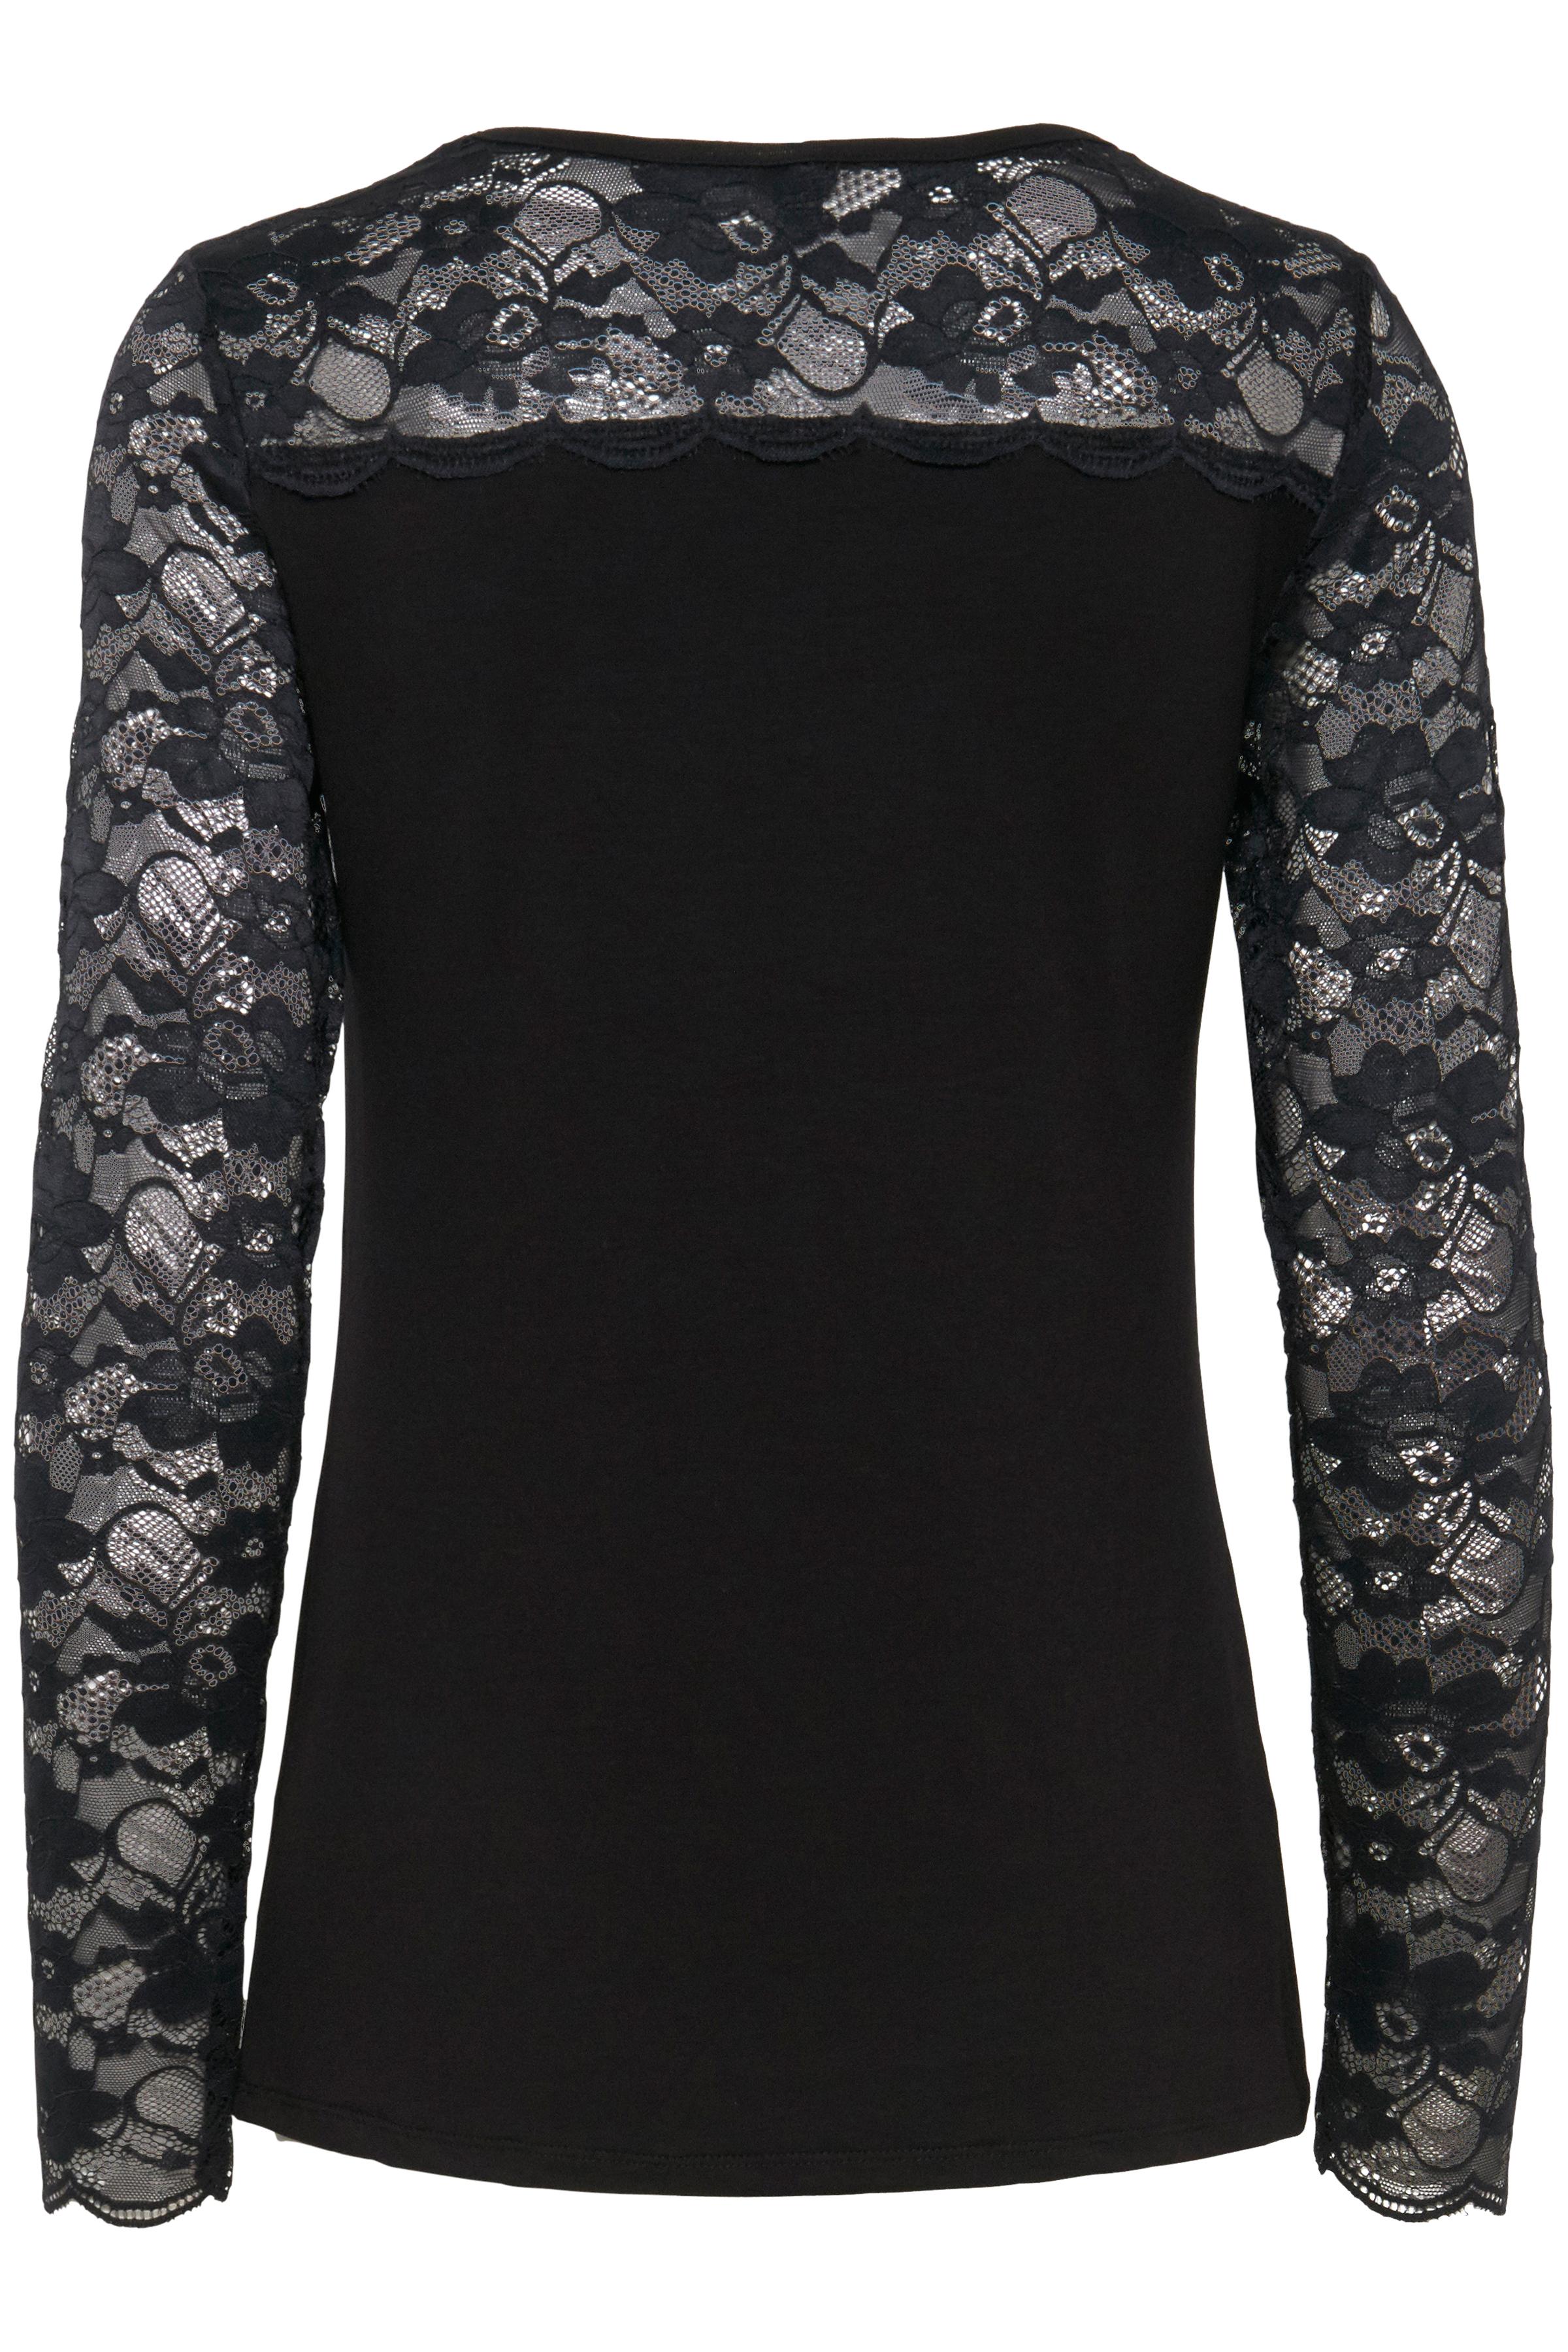 Sort Langærmet bluse fra Pulz Jeans – Køb Sort Langærmet bluse fra str. XS-XXL her